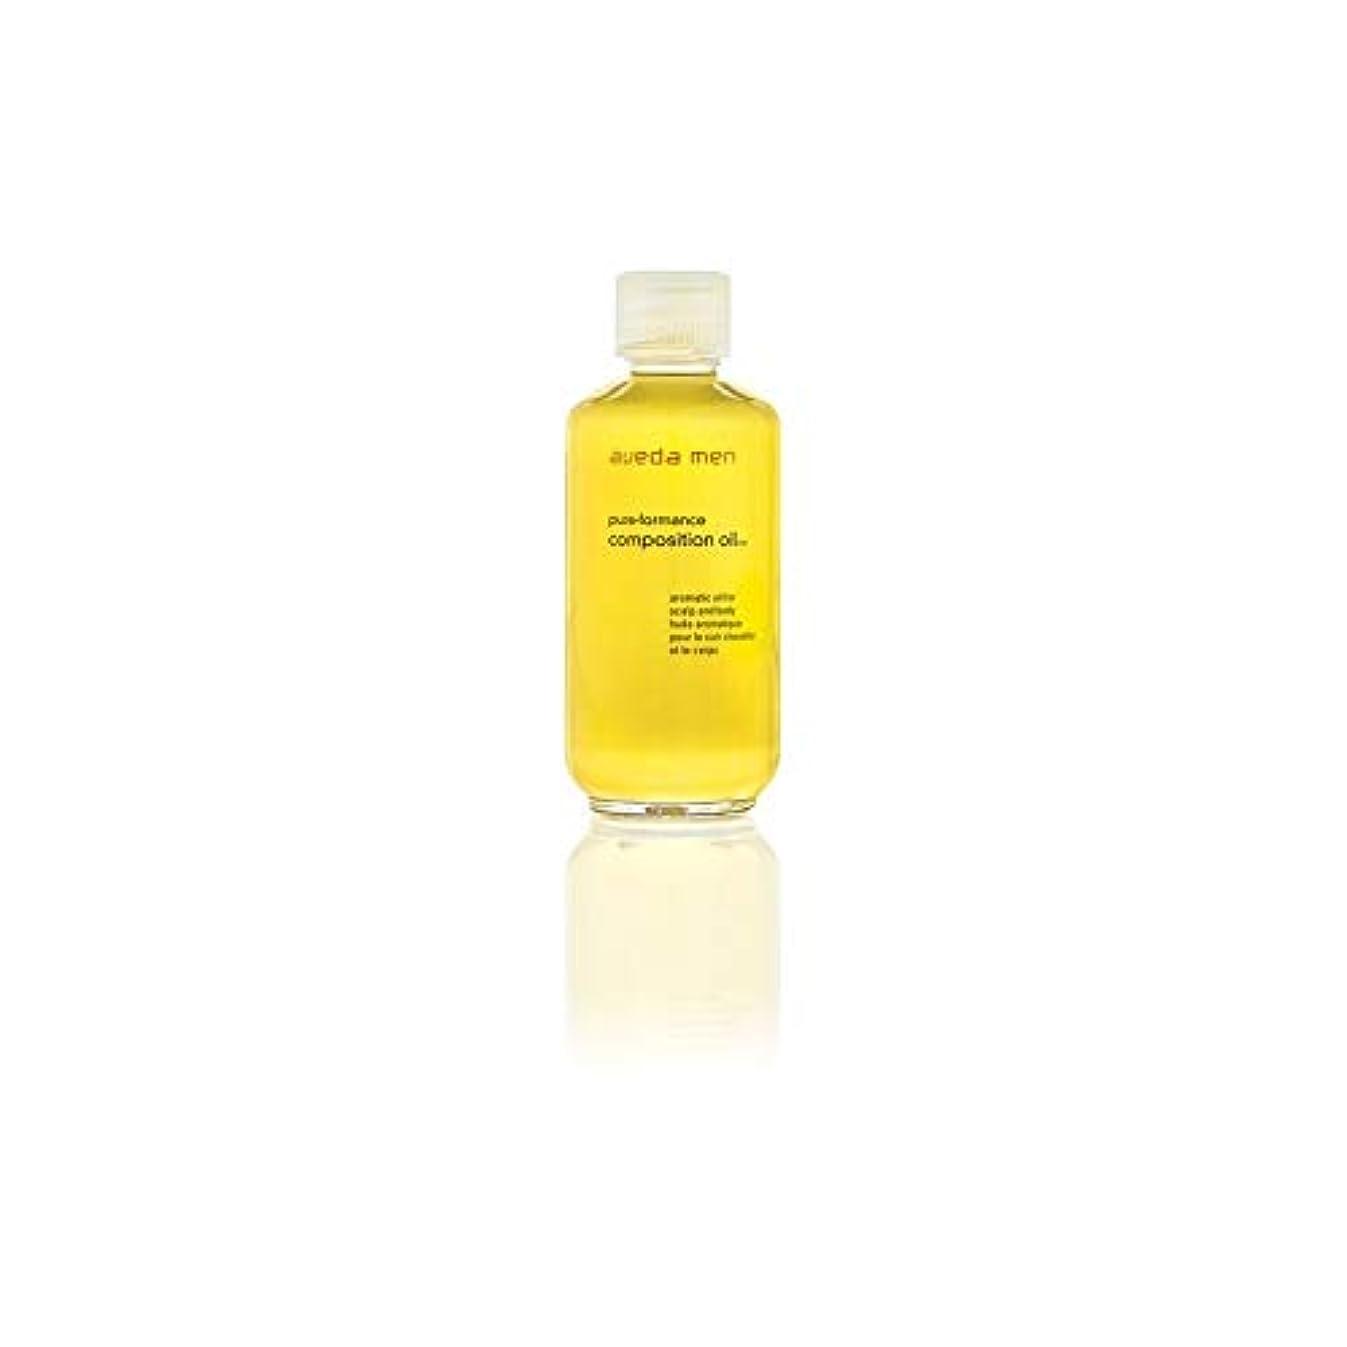 より多い会話性能[AVEDA ] アヴェダメンズ組成オイル(50ミリリットル) - Aveda Men's Composition Oil (50ml) [並行輸入品]